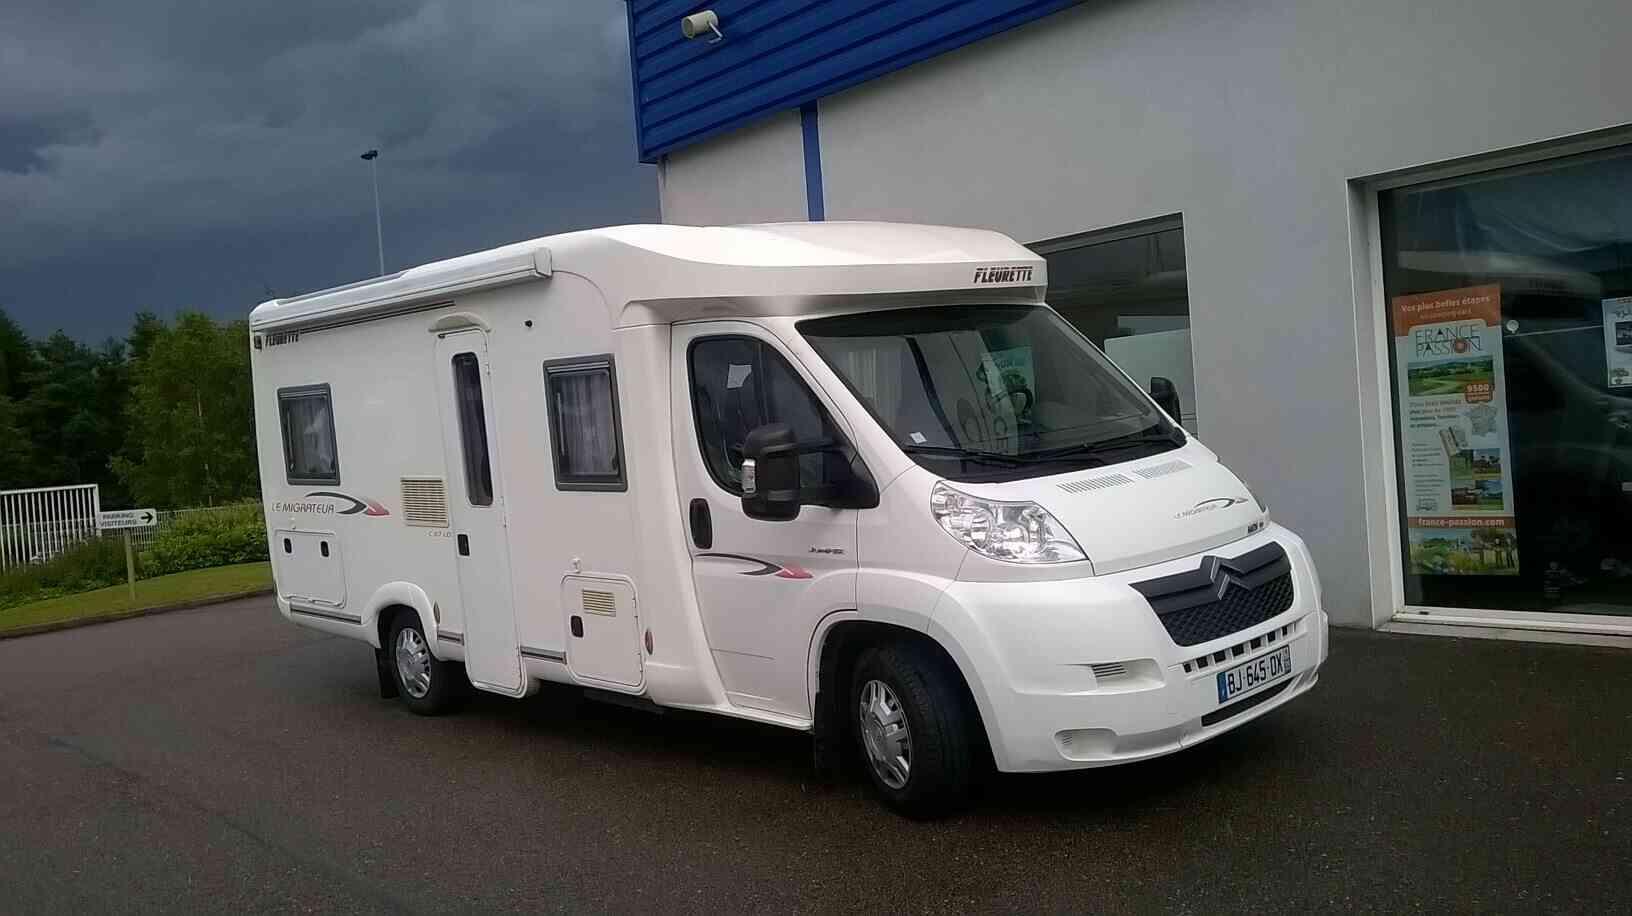 camping-car FLEURETTE C 67